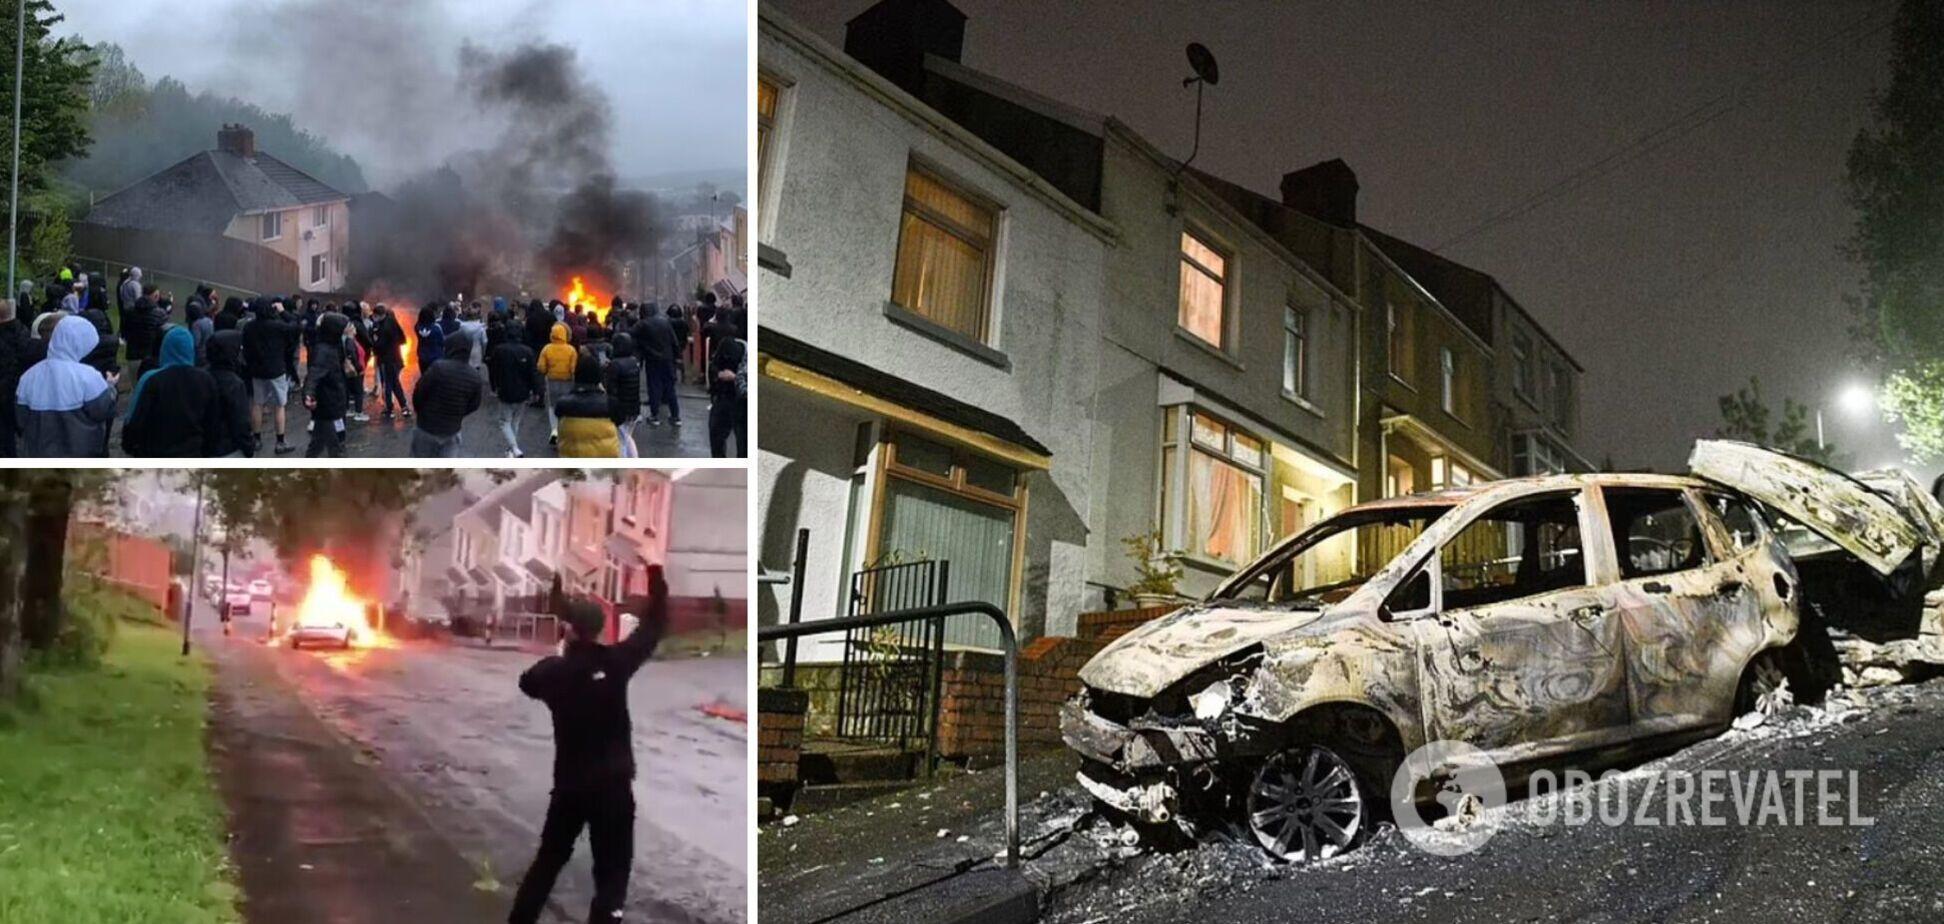 У Вельсі жителі розгромили вулицю і спалили автомобілі після поминок. Фото й відео